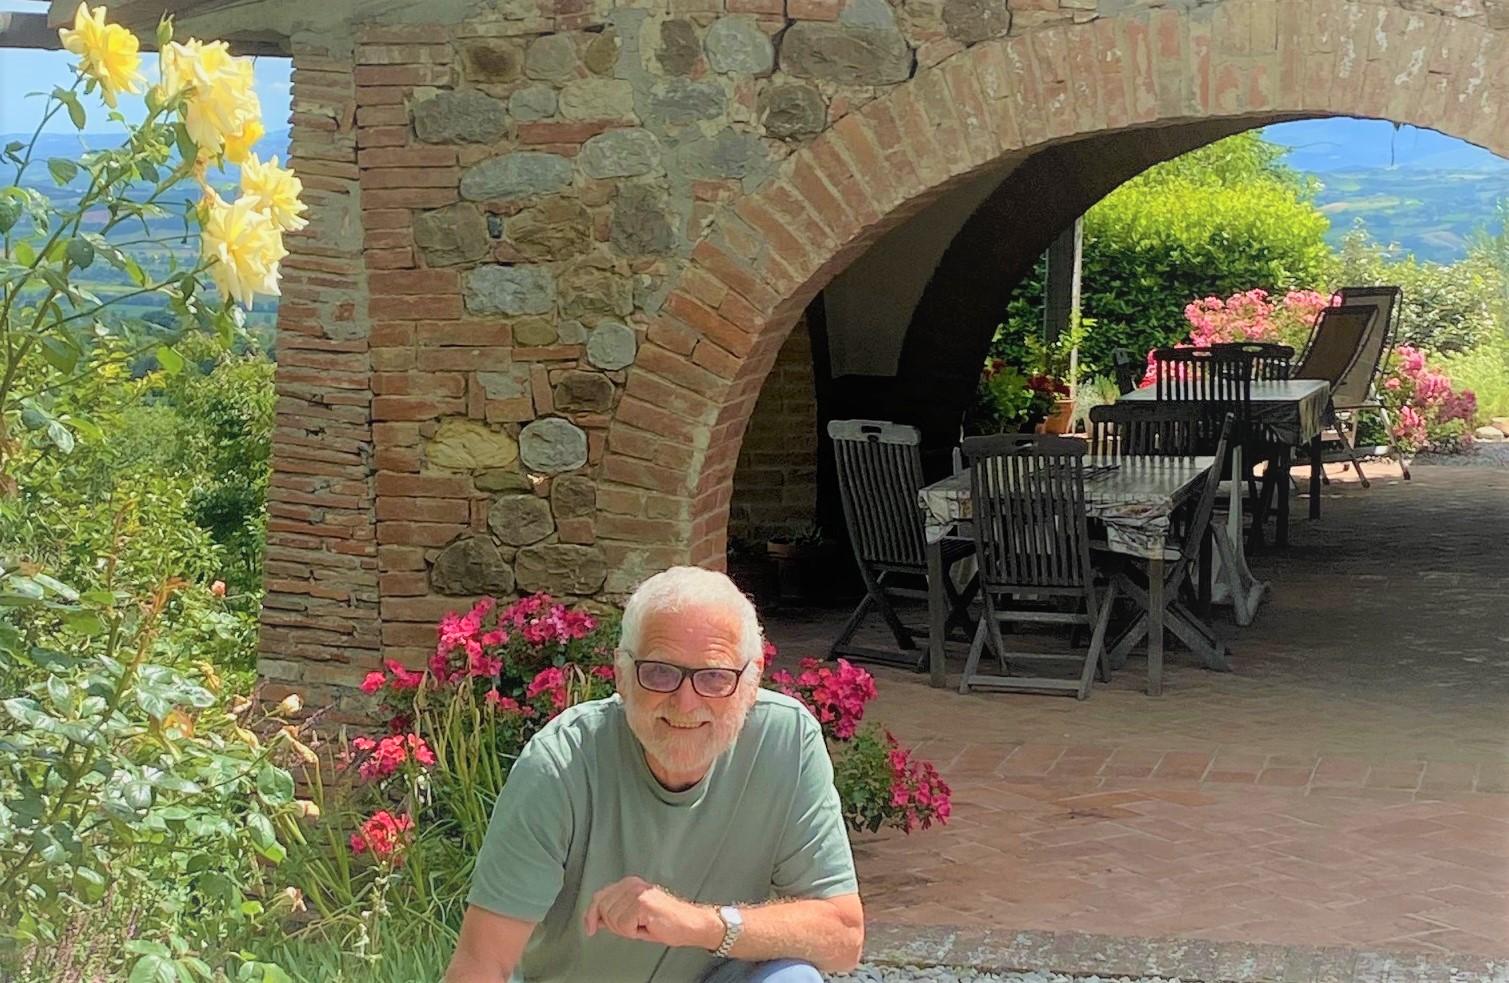 Саймон и Крис: 25 лет нашей жизни в «Зеленом Сердце» Италии.